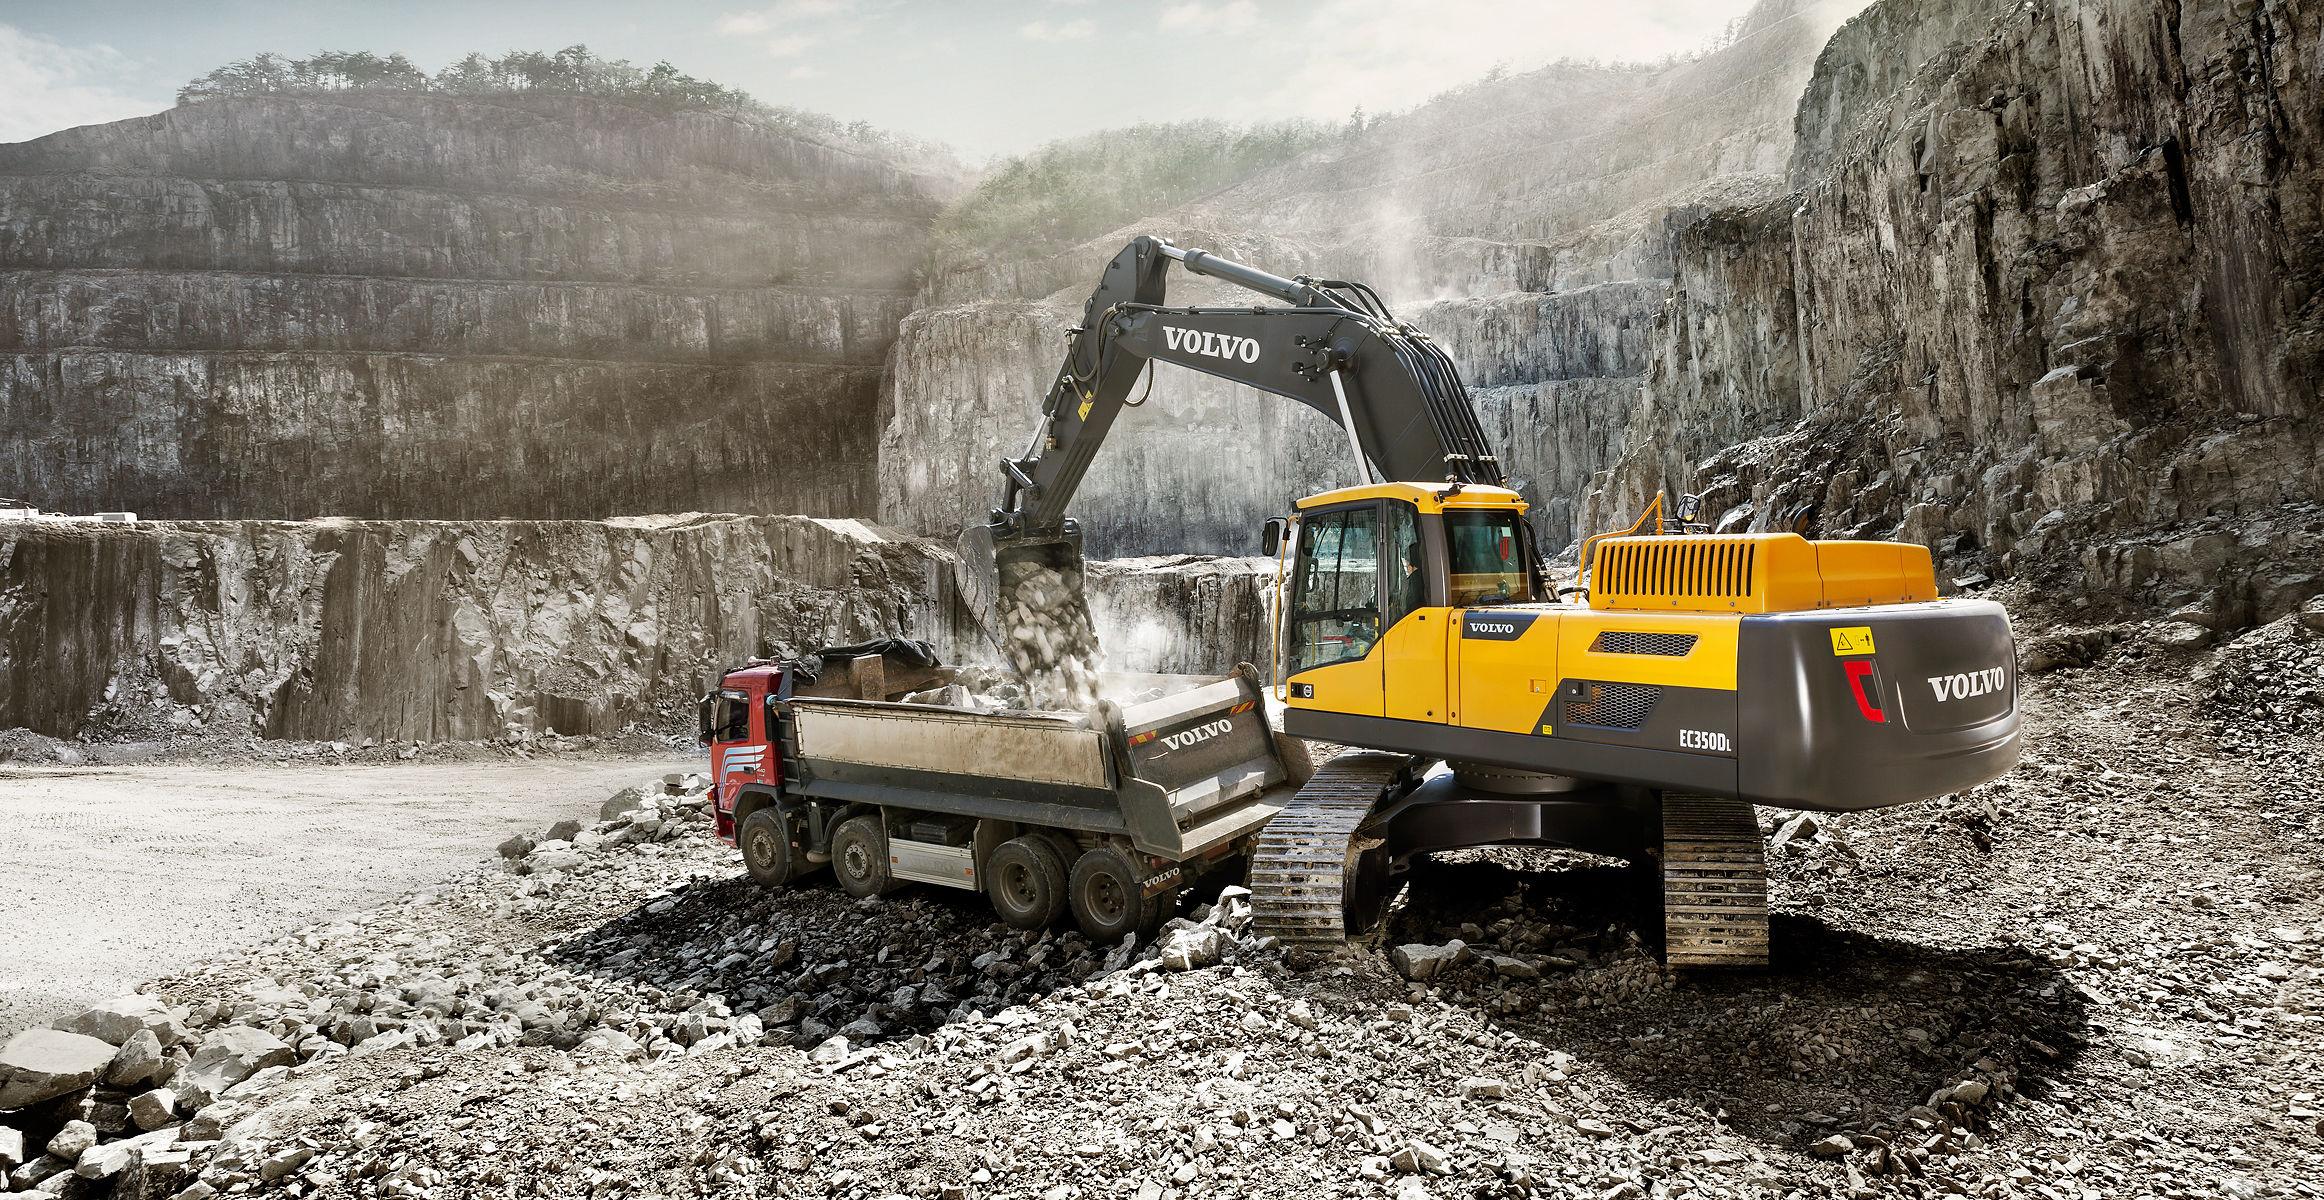 EC350D | Excavators | Overview | Volvo Construction Equipment